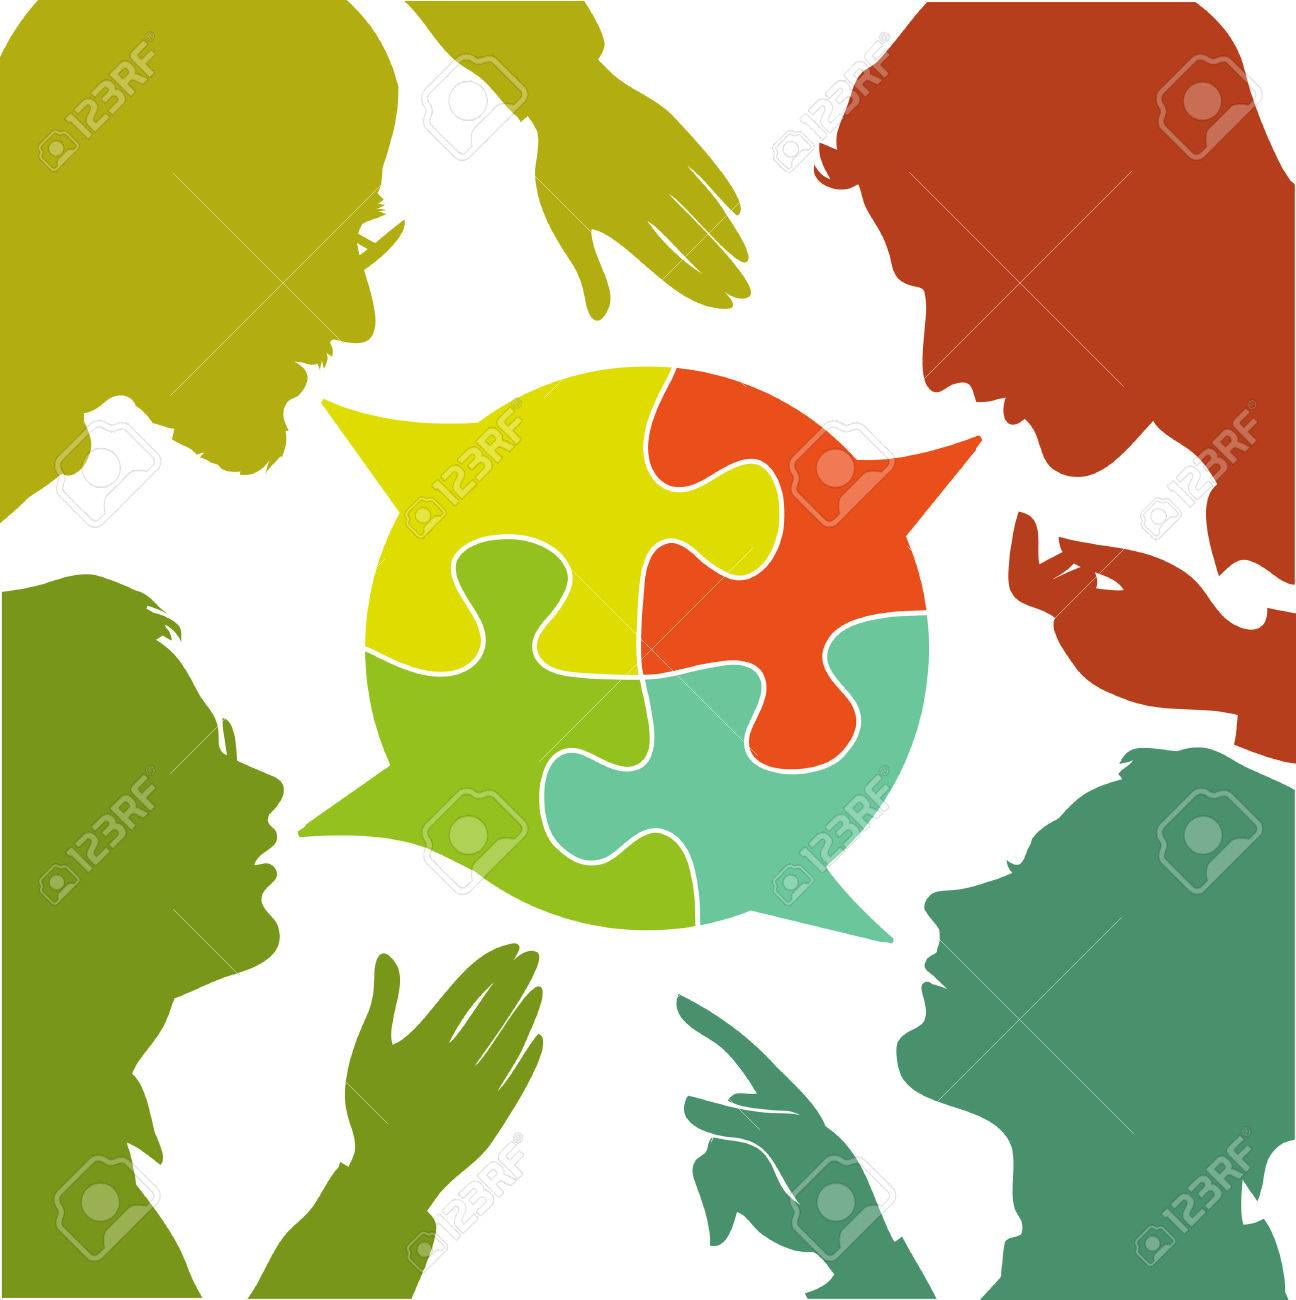 Silhouetten von Menschen führt Dialoge mit bunten Sprechblasen. Sprechblasen in Form von Puzzles. Dialog und Konsens. Standard-Bild - 46515309